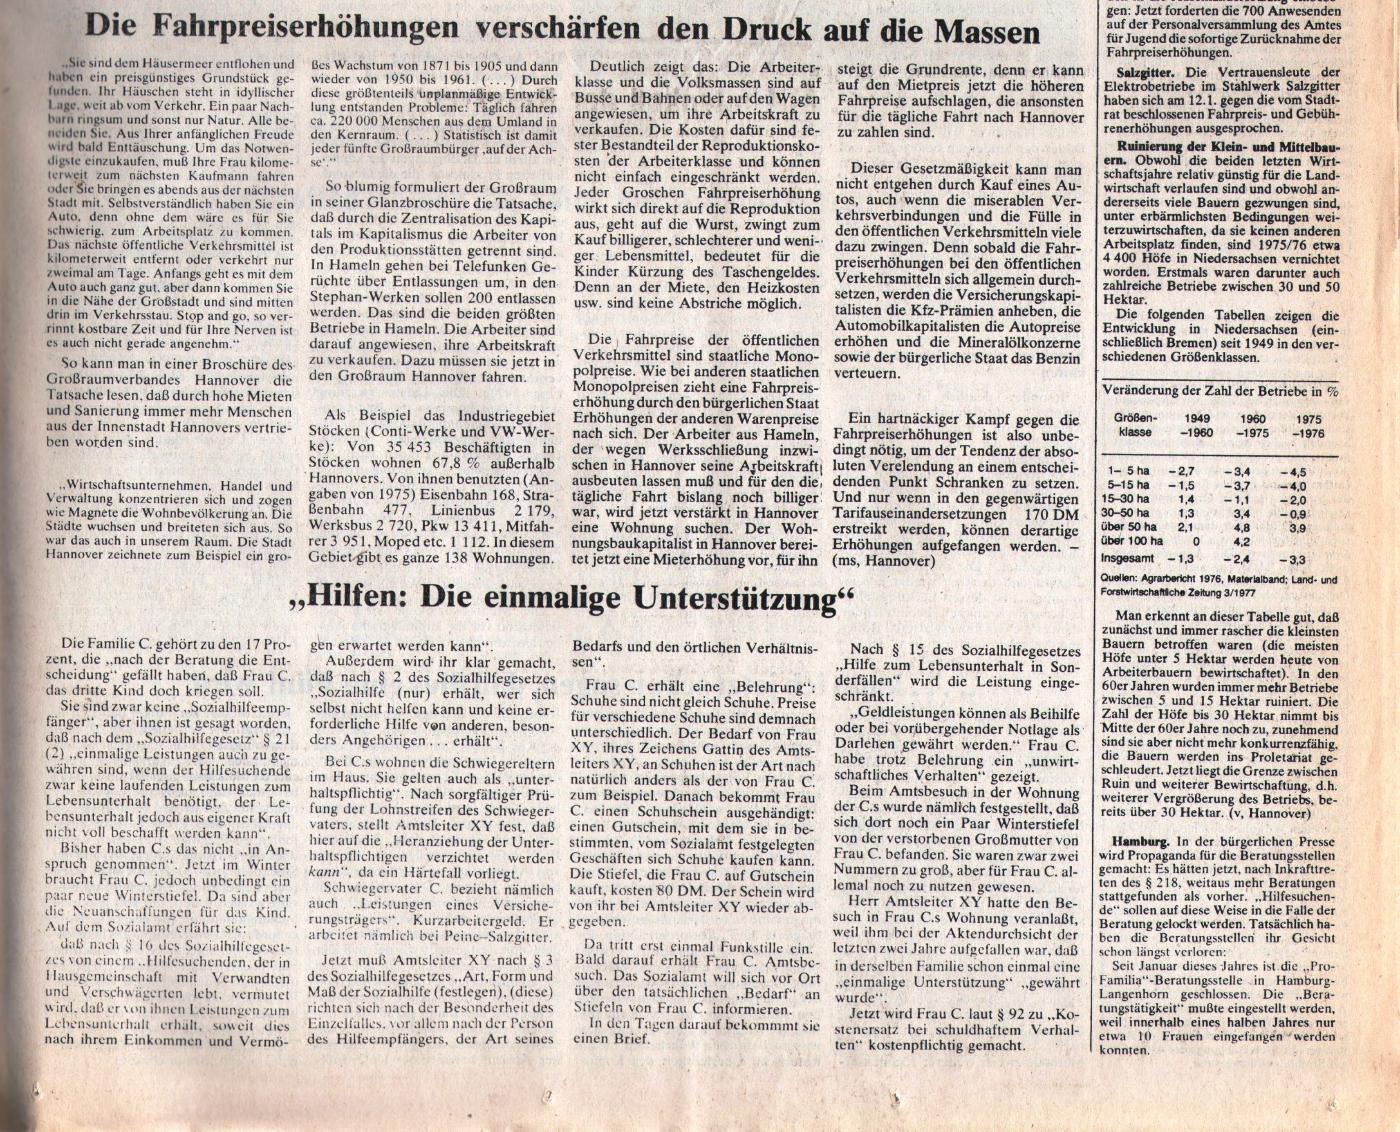 KVZ_Nord_1977_04_18